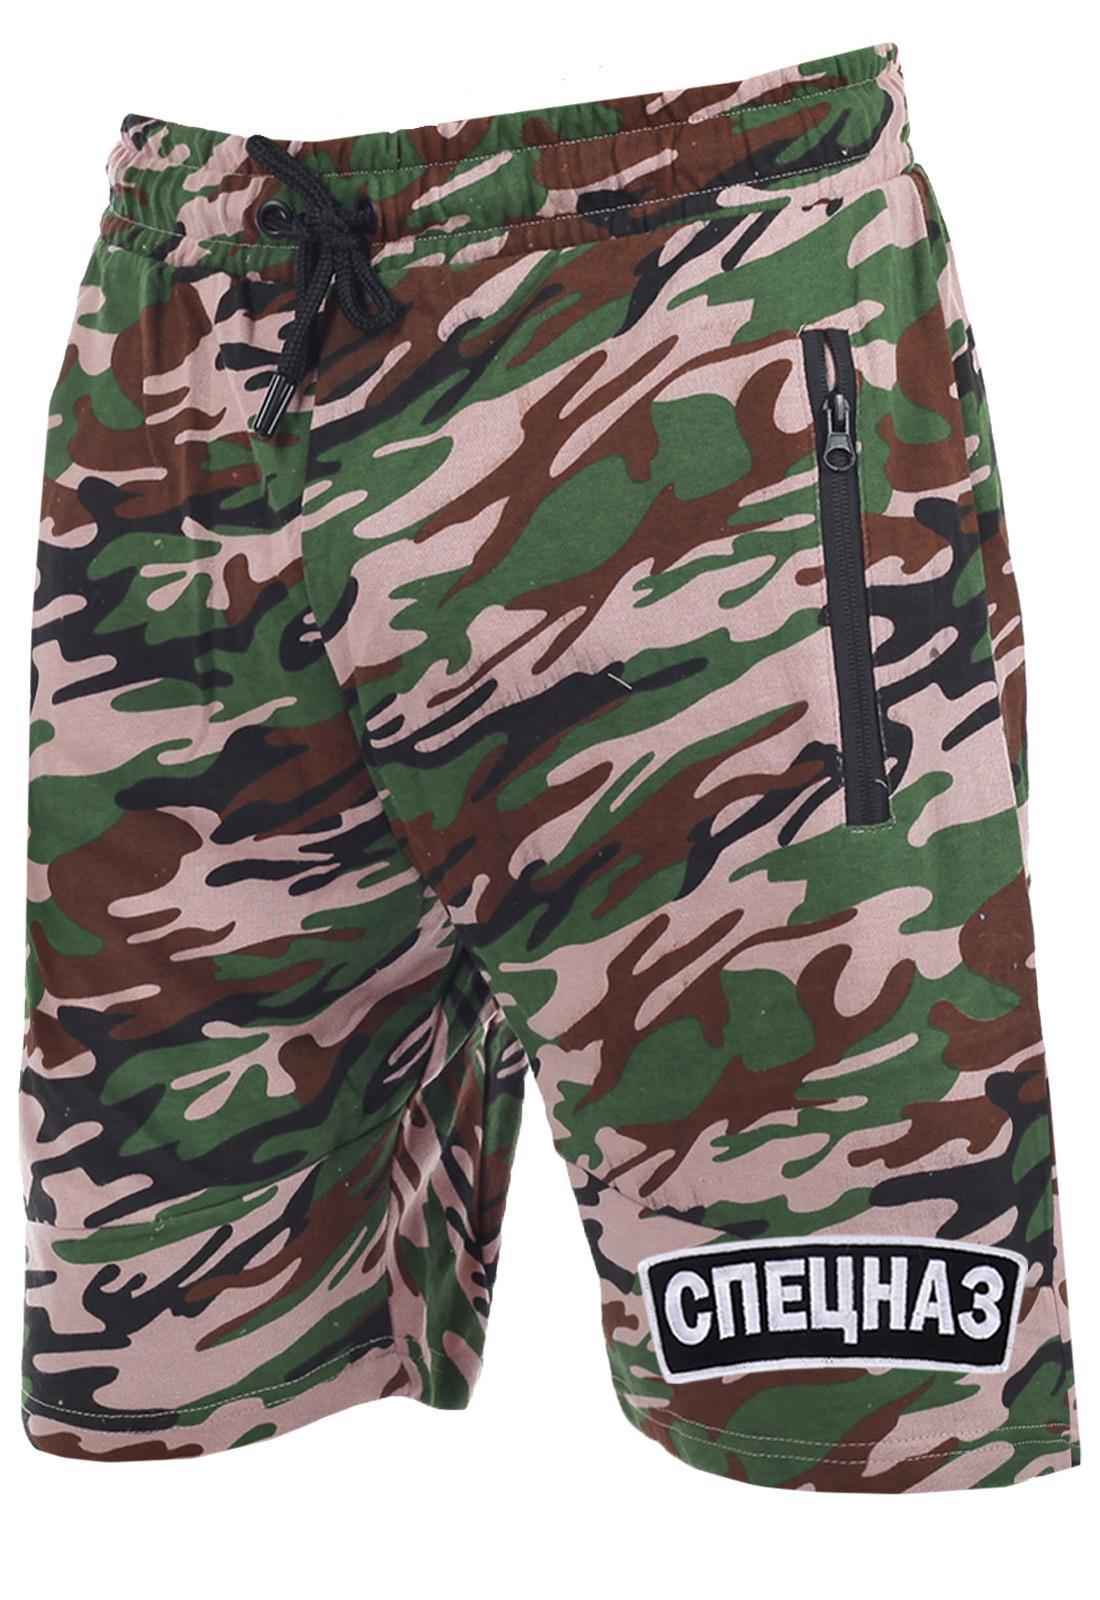 Военная одежда нового поколения – шорты камуфляж СПЕЦНАЗ.